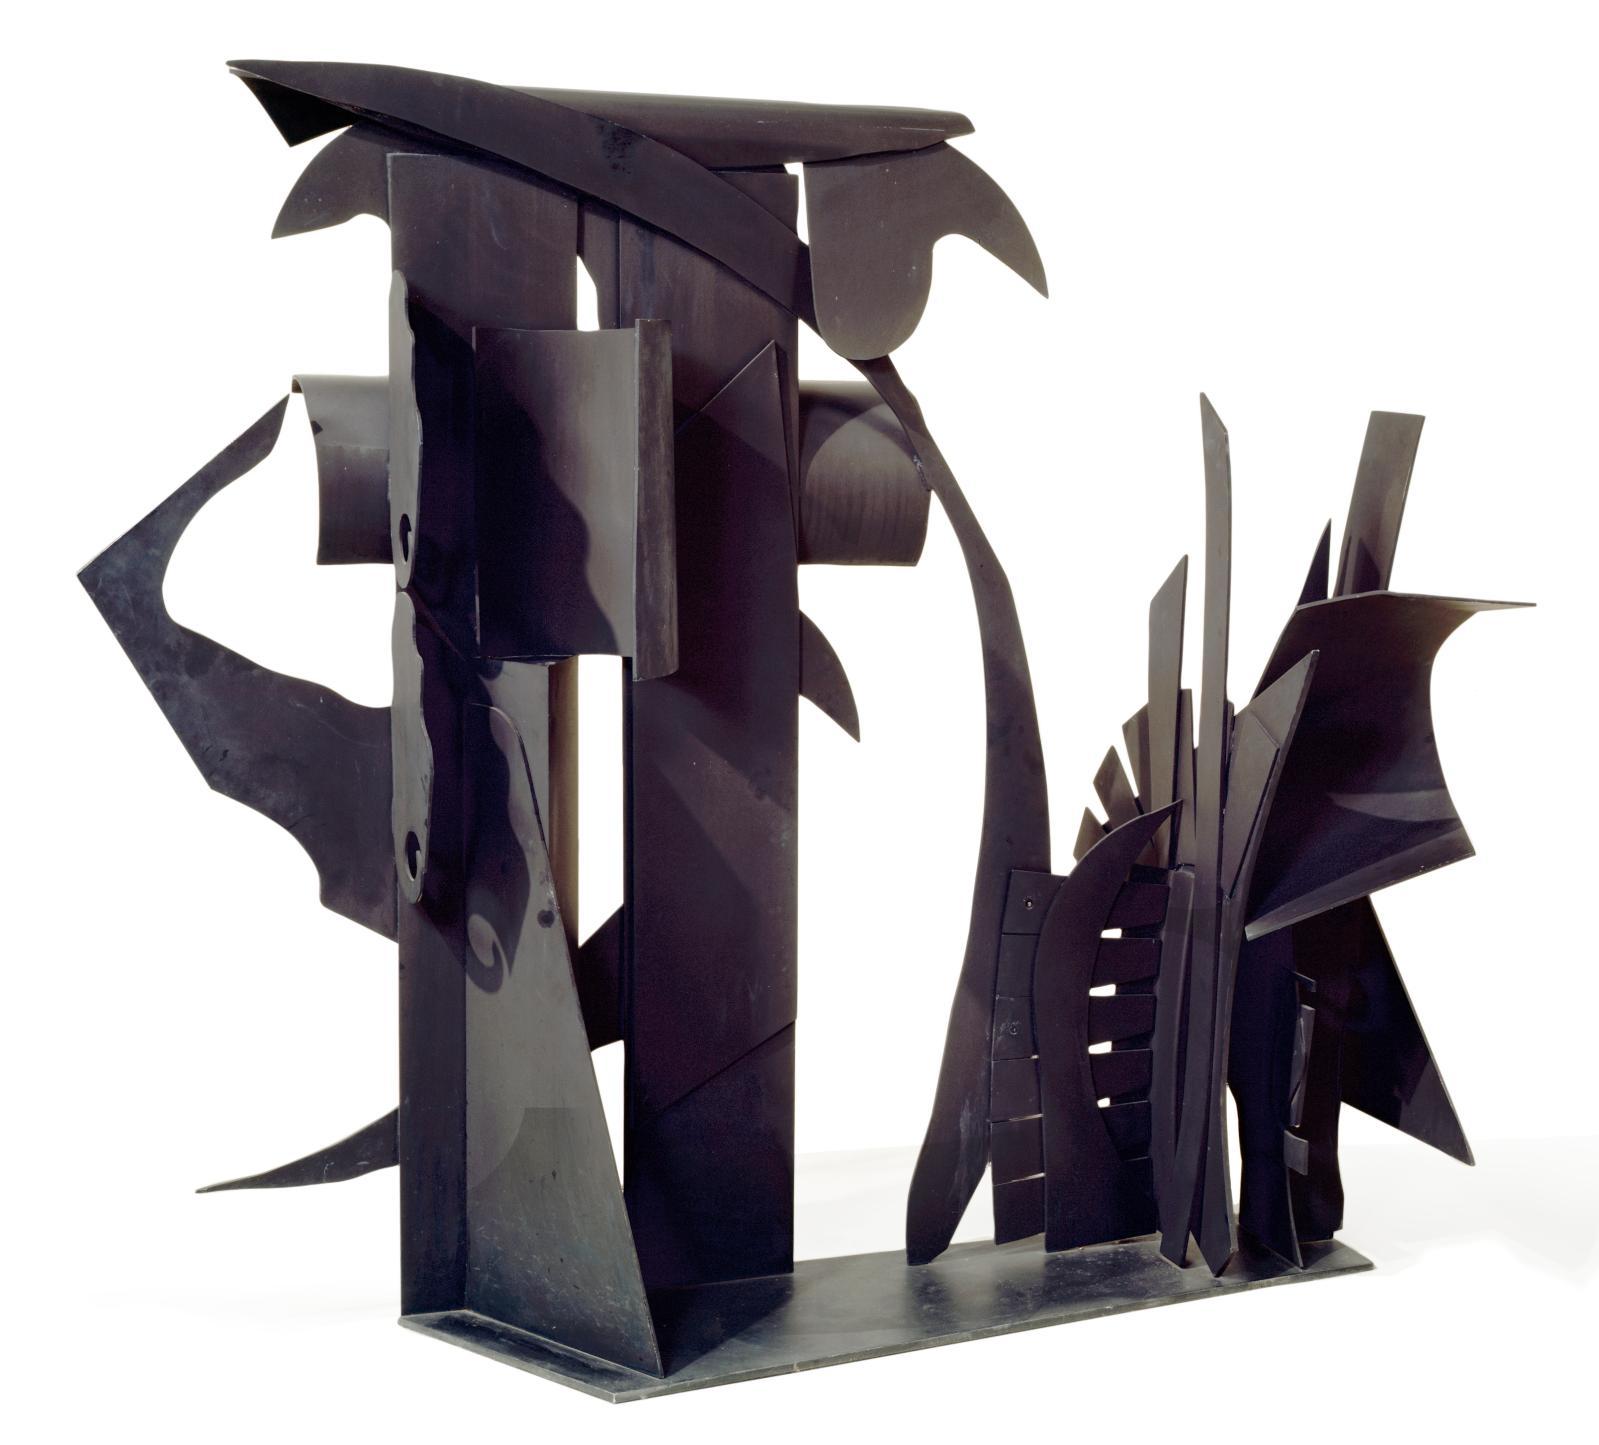 Maquette pour Transparent Horizon (1972-1973), Louise Nevelson.